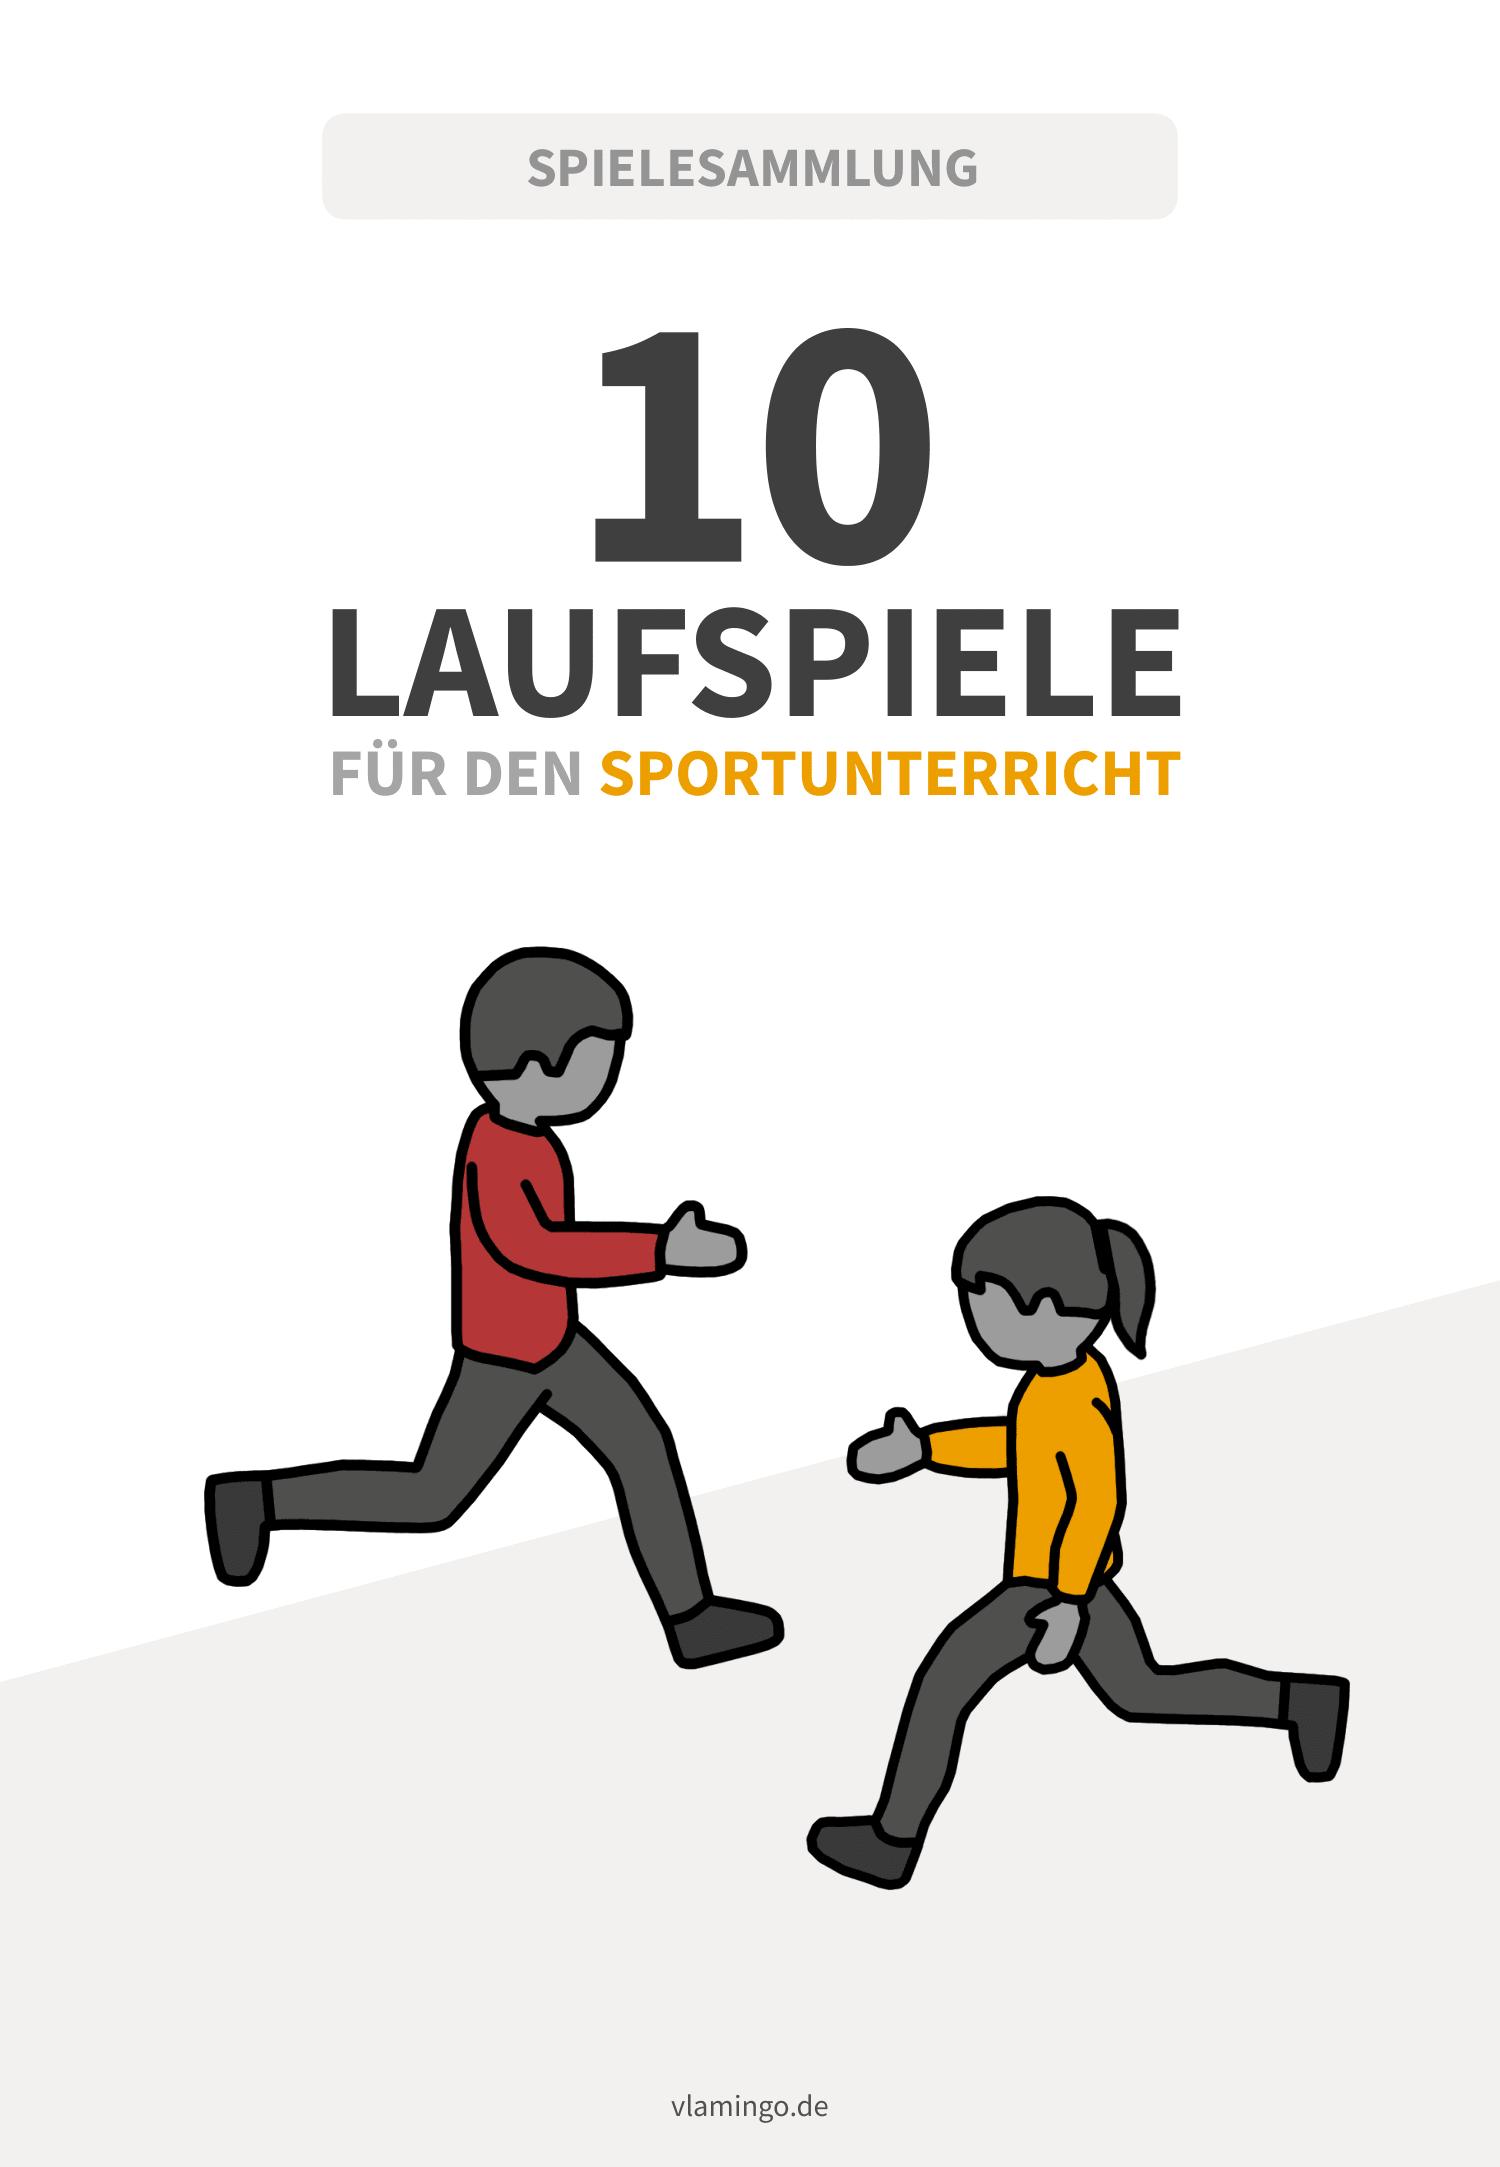 Laufspiele für den Sportunterricht